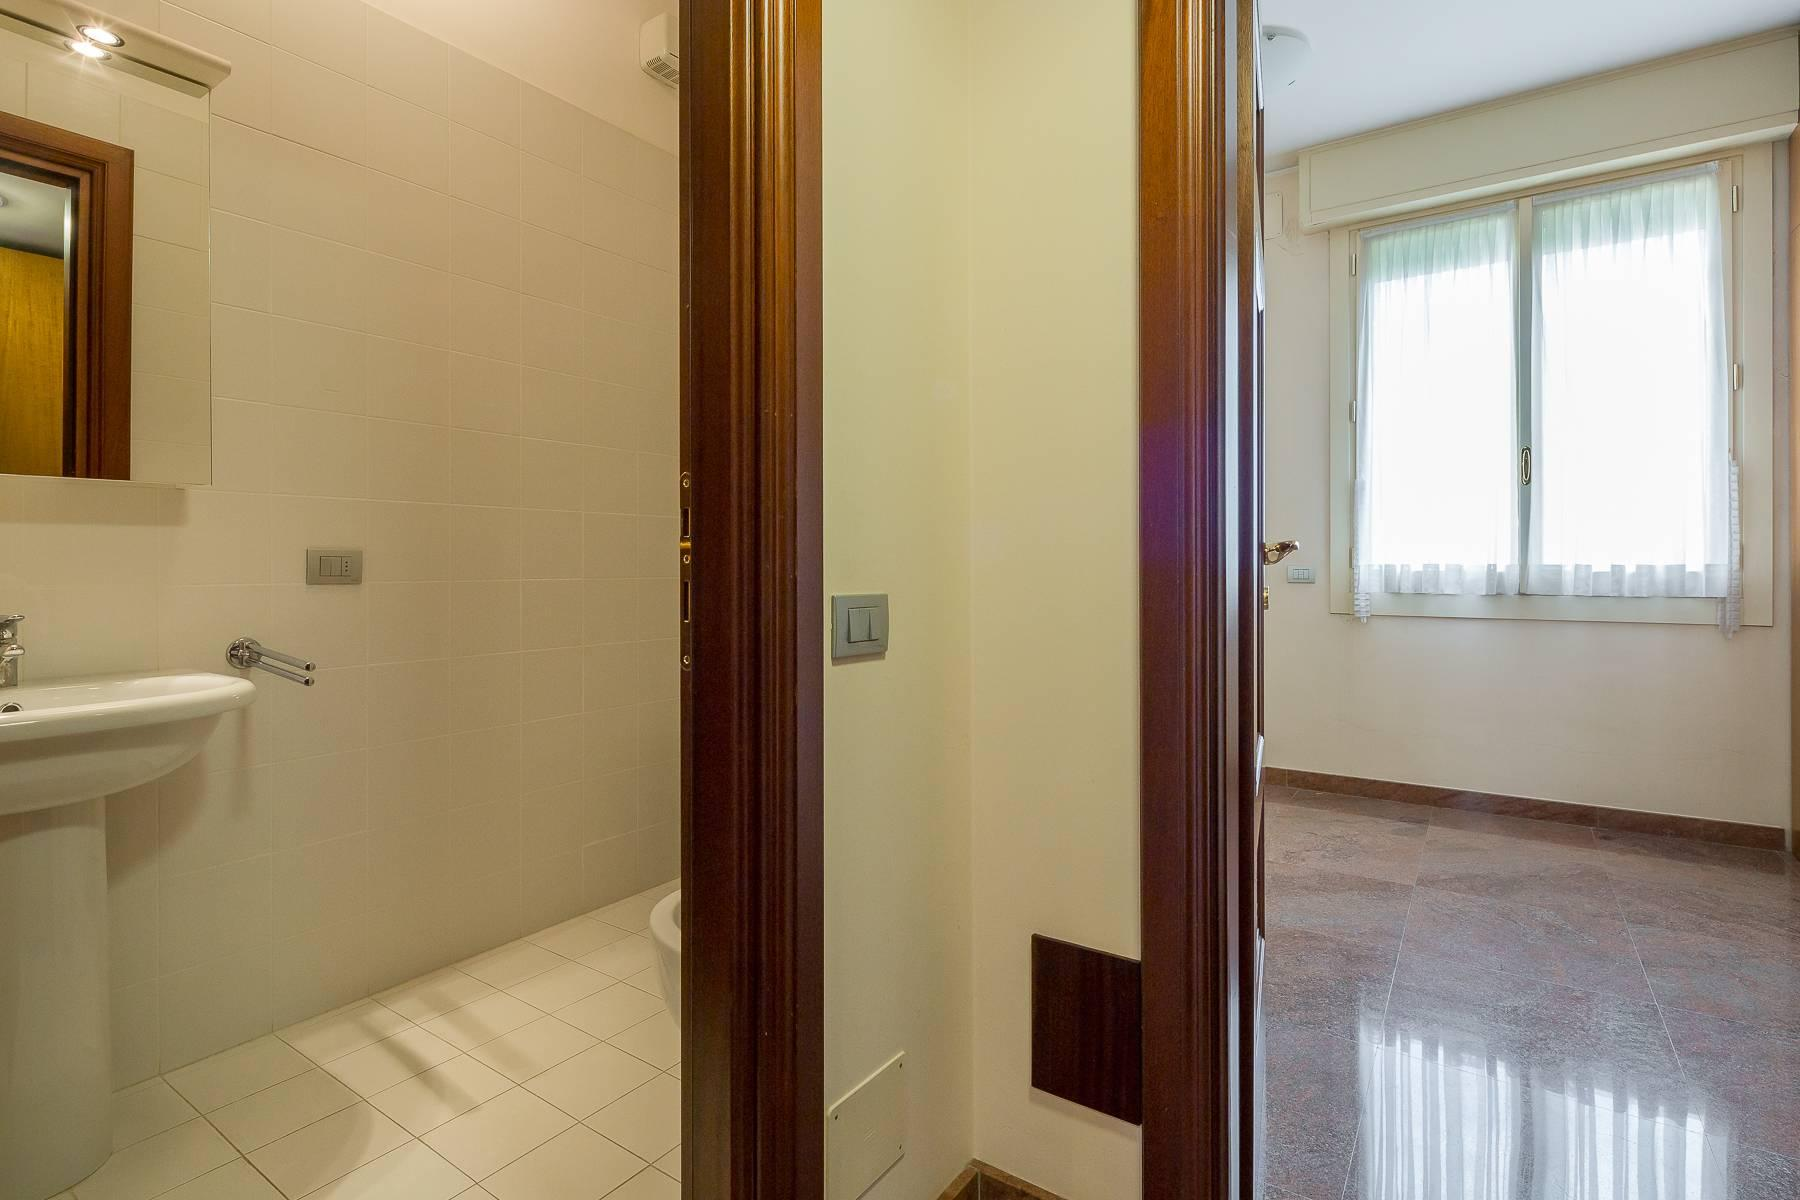 Bellissimo appartamento arredato in zona Buonarroti - 20